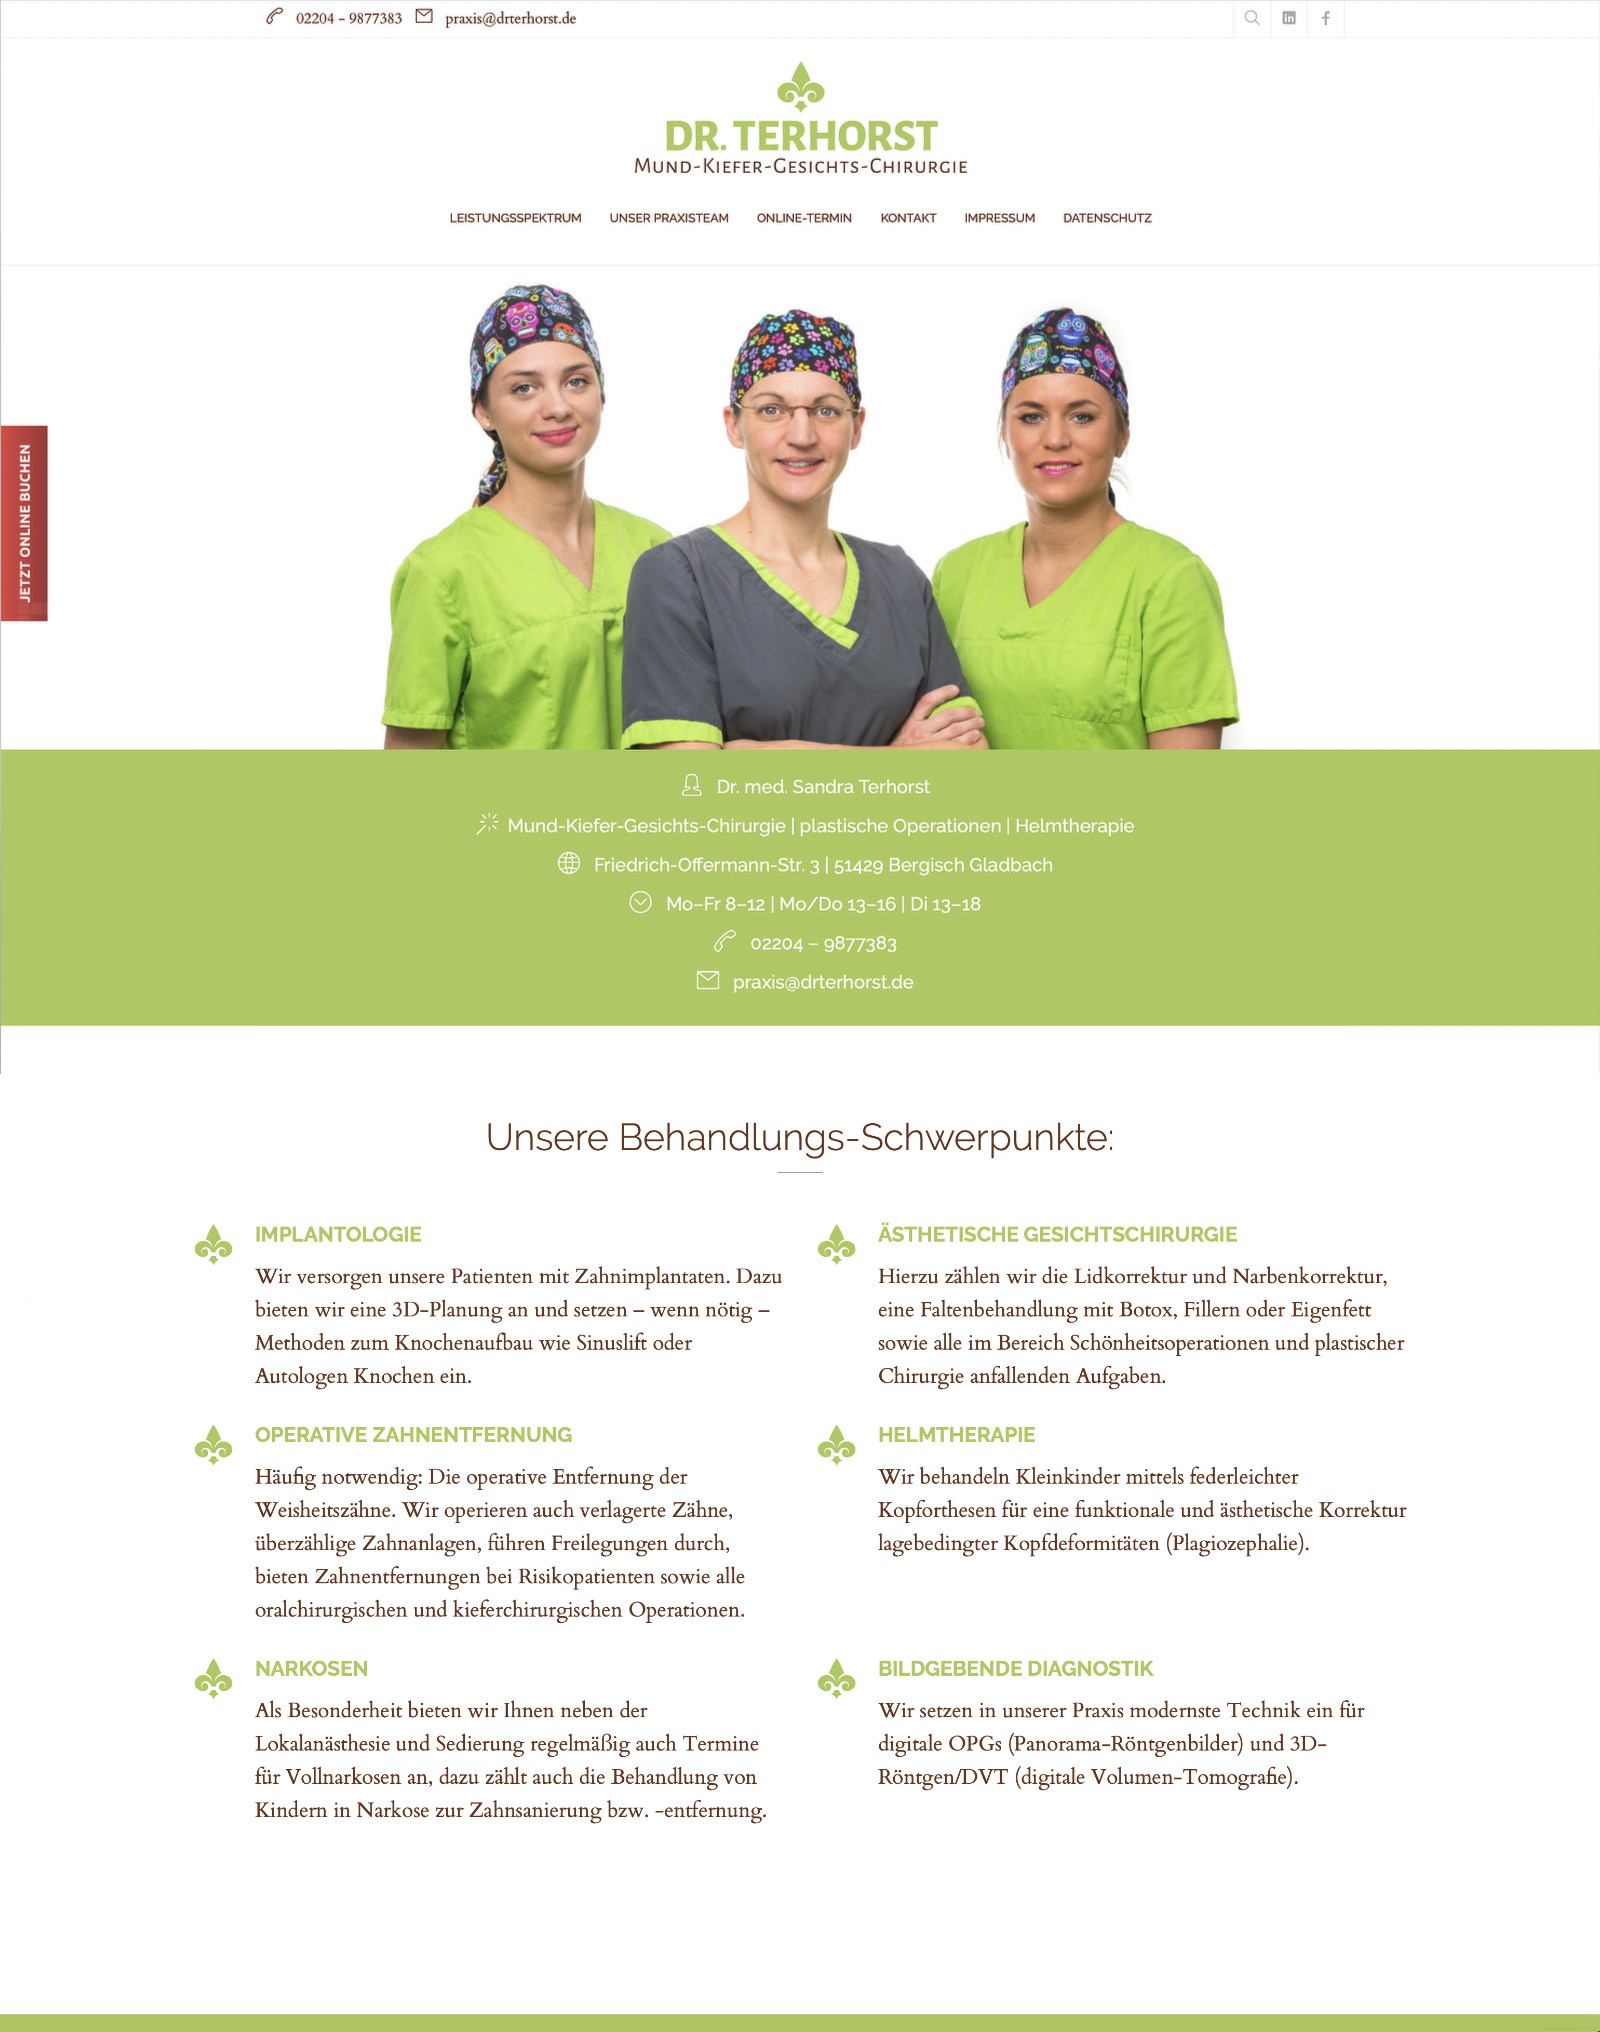 Webdesign für Dr. Terhorst | MKG-Chirurgie, Bergisch Gladbach